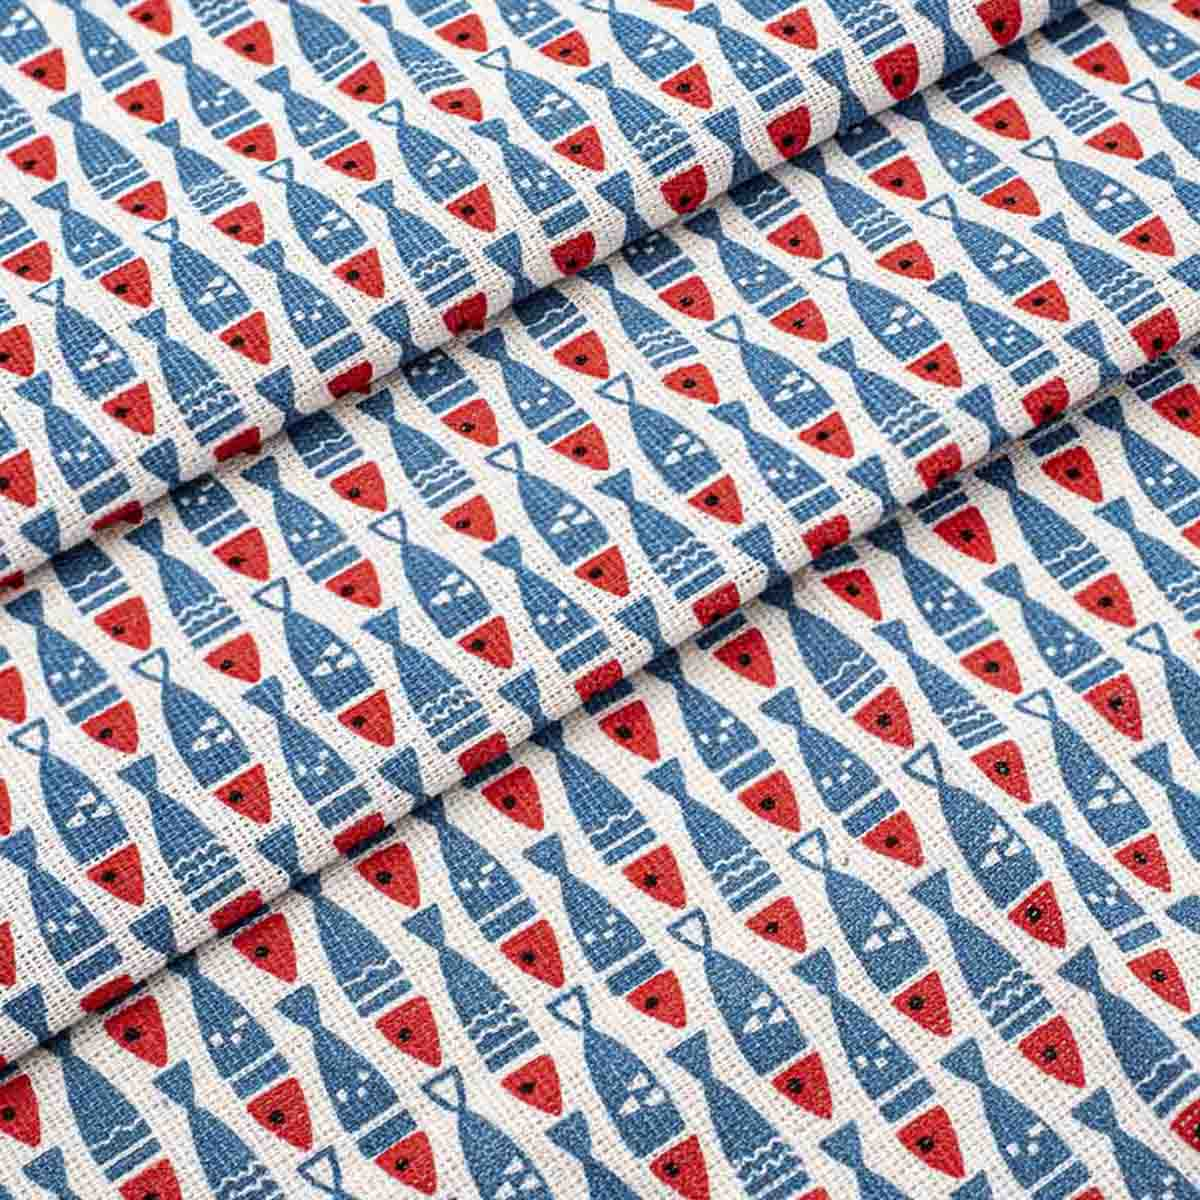 28498 Ткань 'ДЕКОР-10/09' с принтом, 50*50см +/-2см (50%лен,50%хлопок)